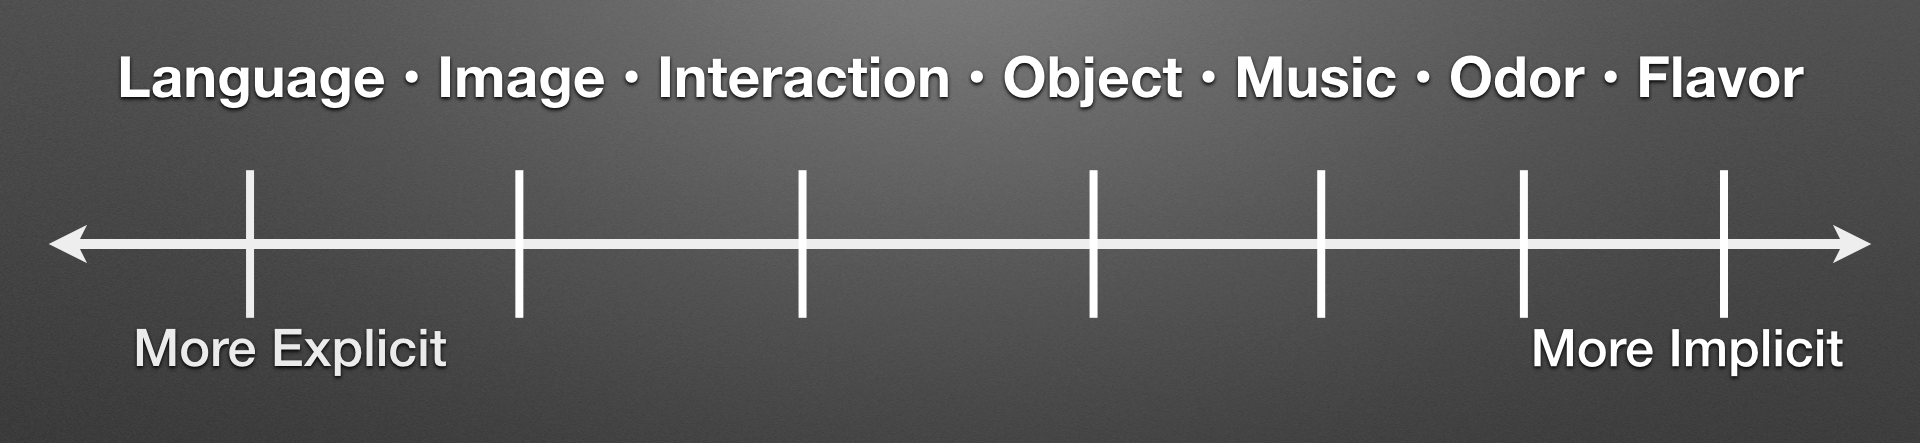 Explicit-Implicit Spectrum